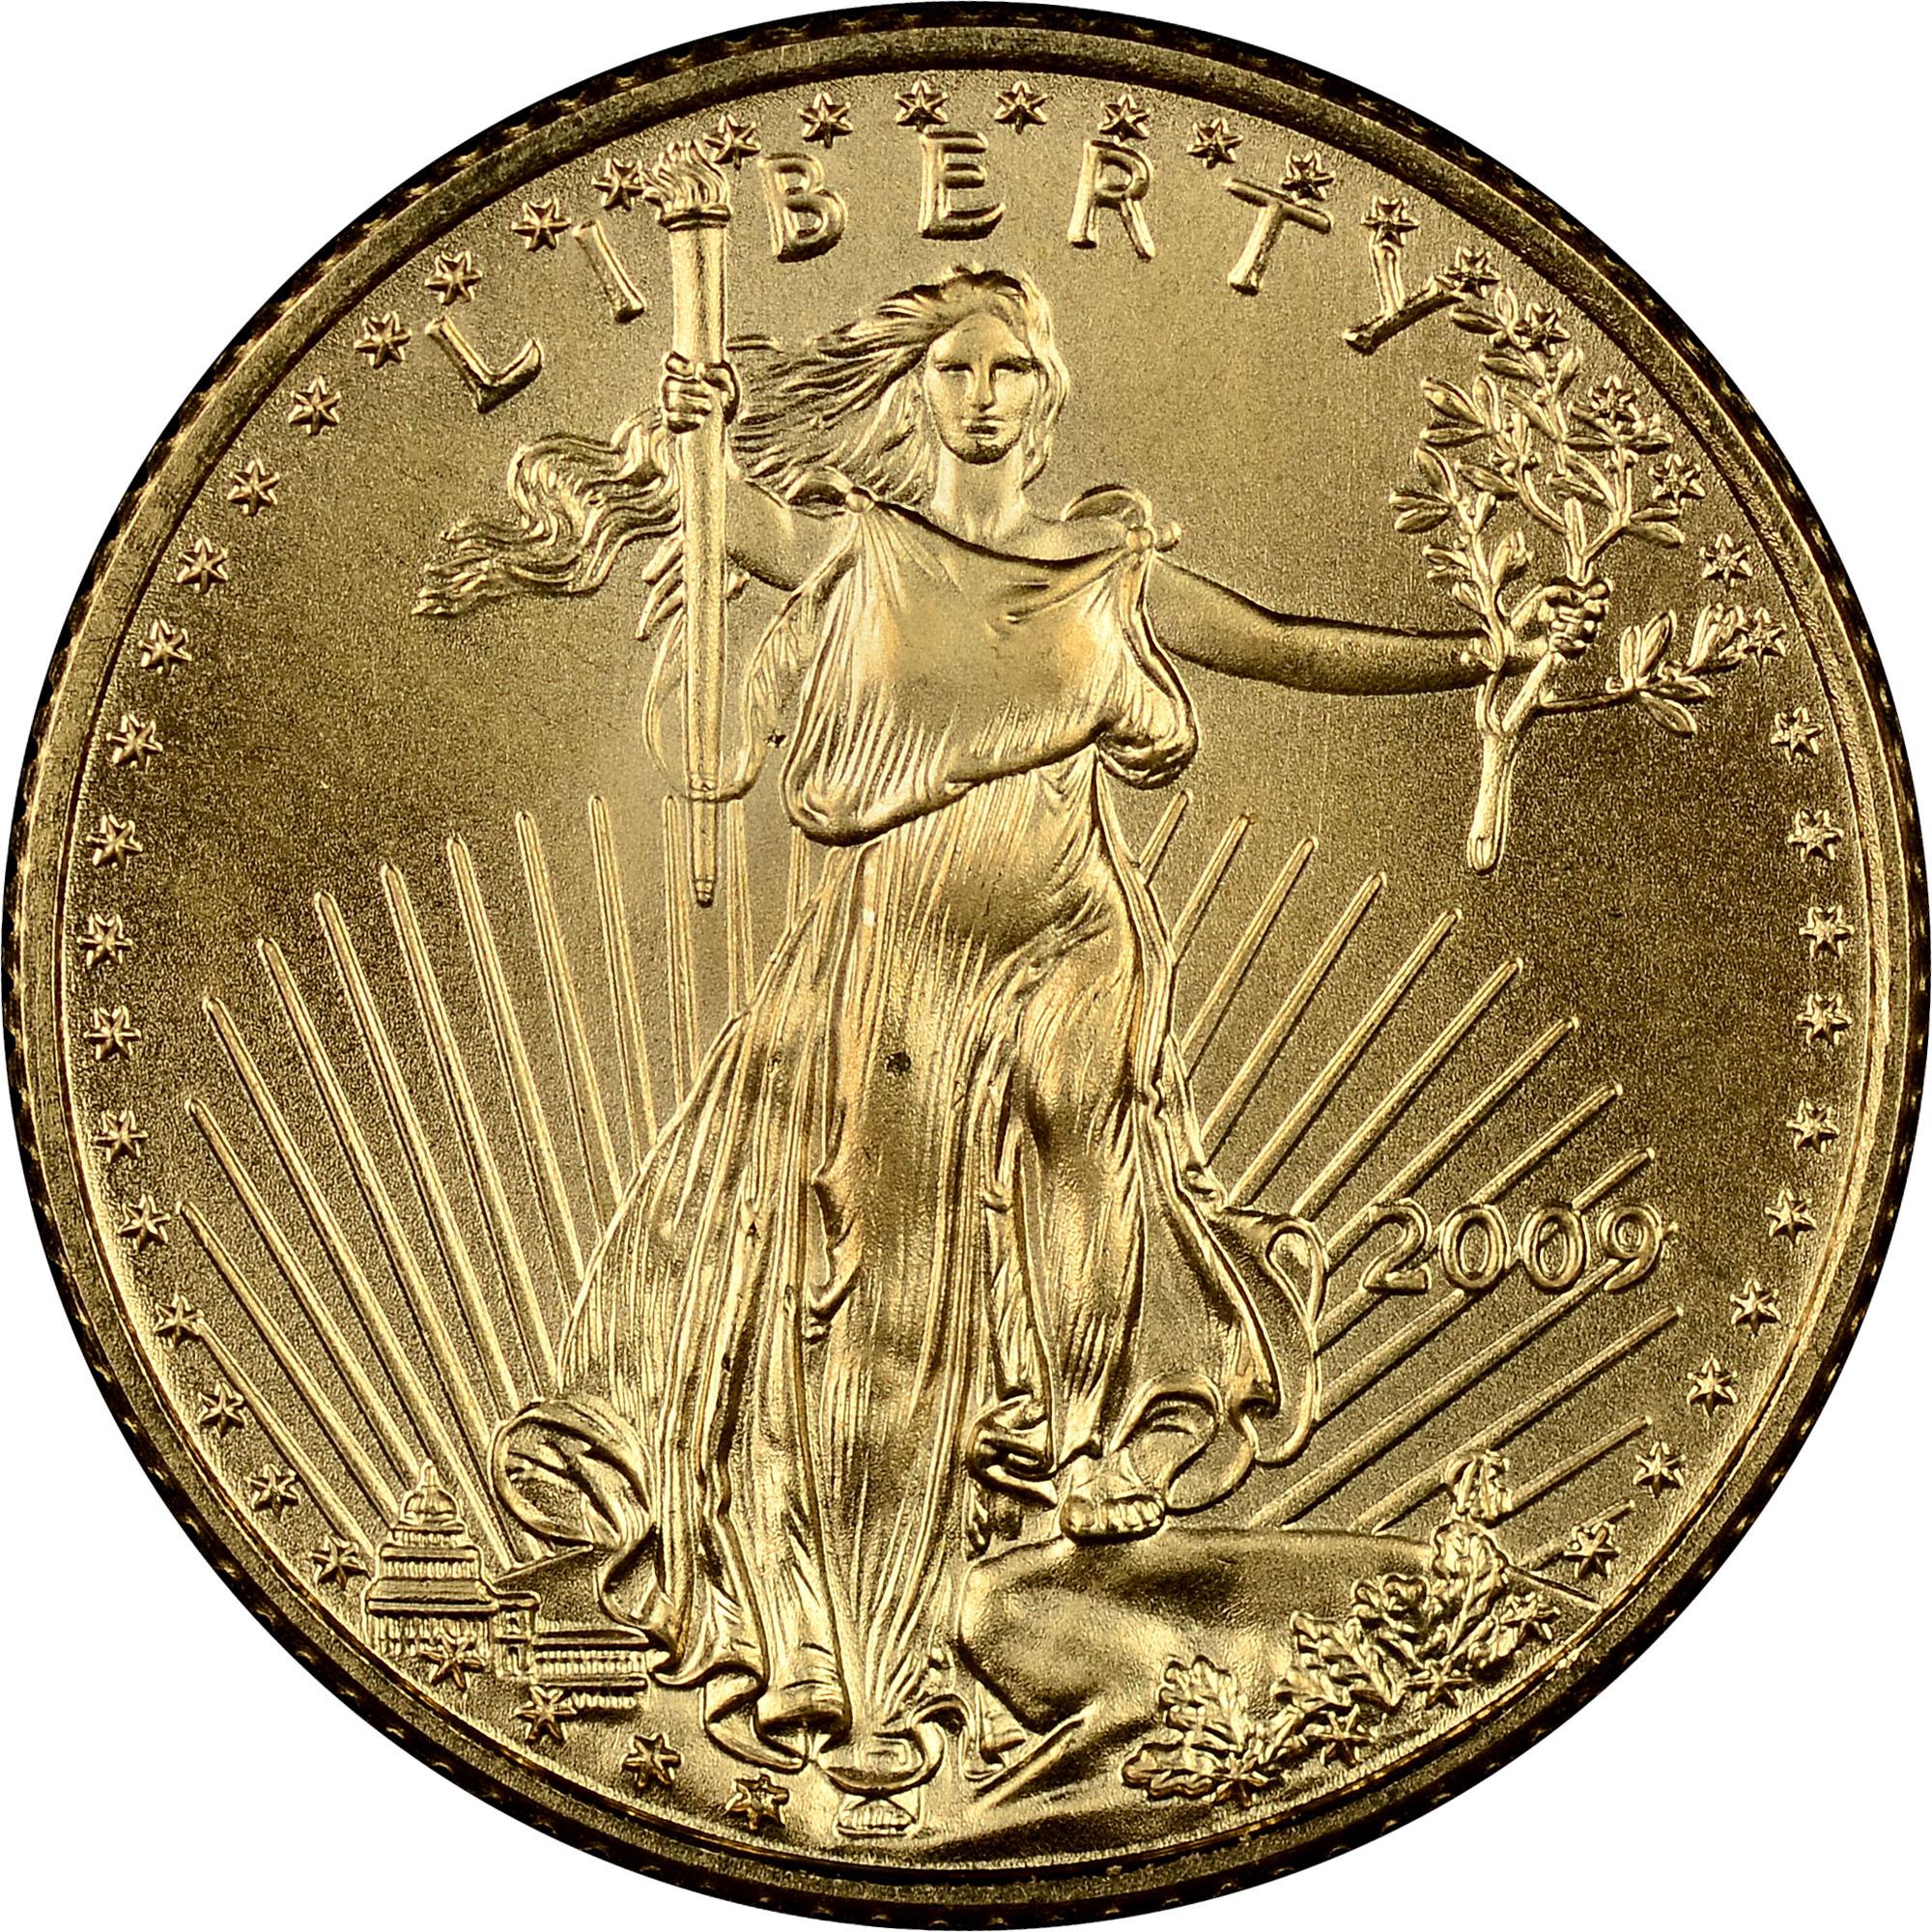 USA GOLD COIN .1//10 oz Gold American Eagle $5 BU 2009